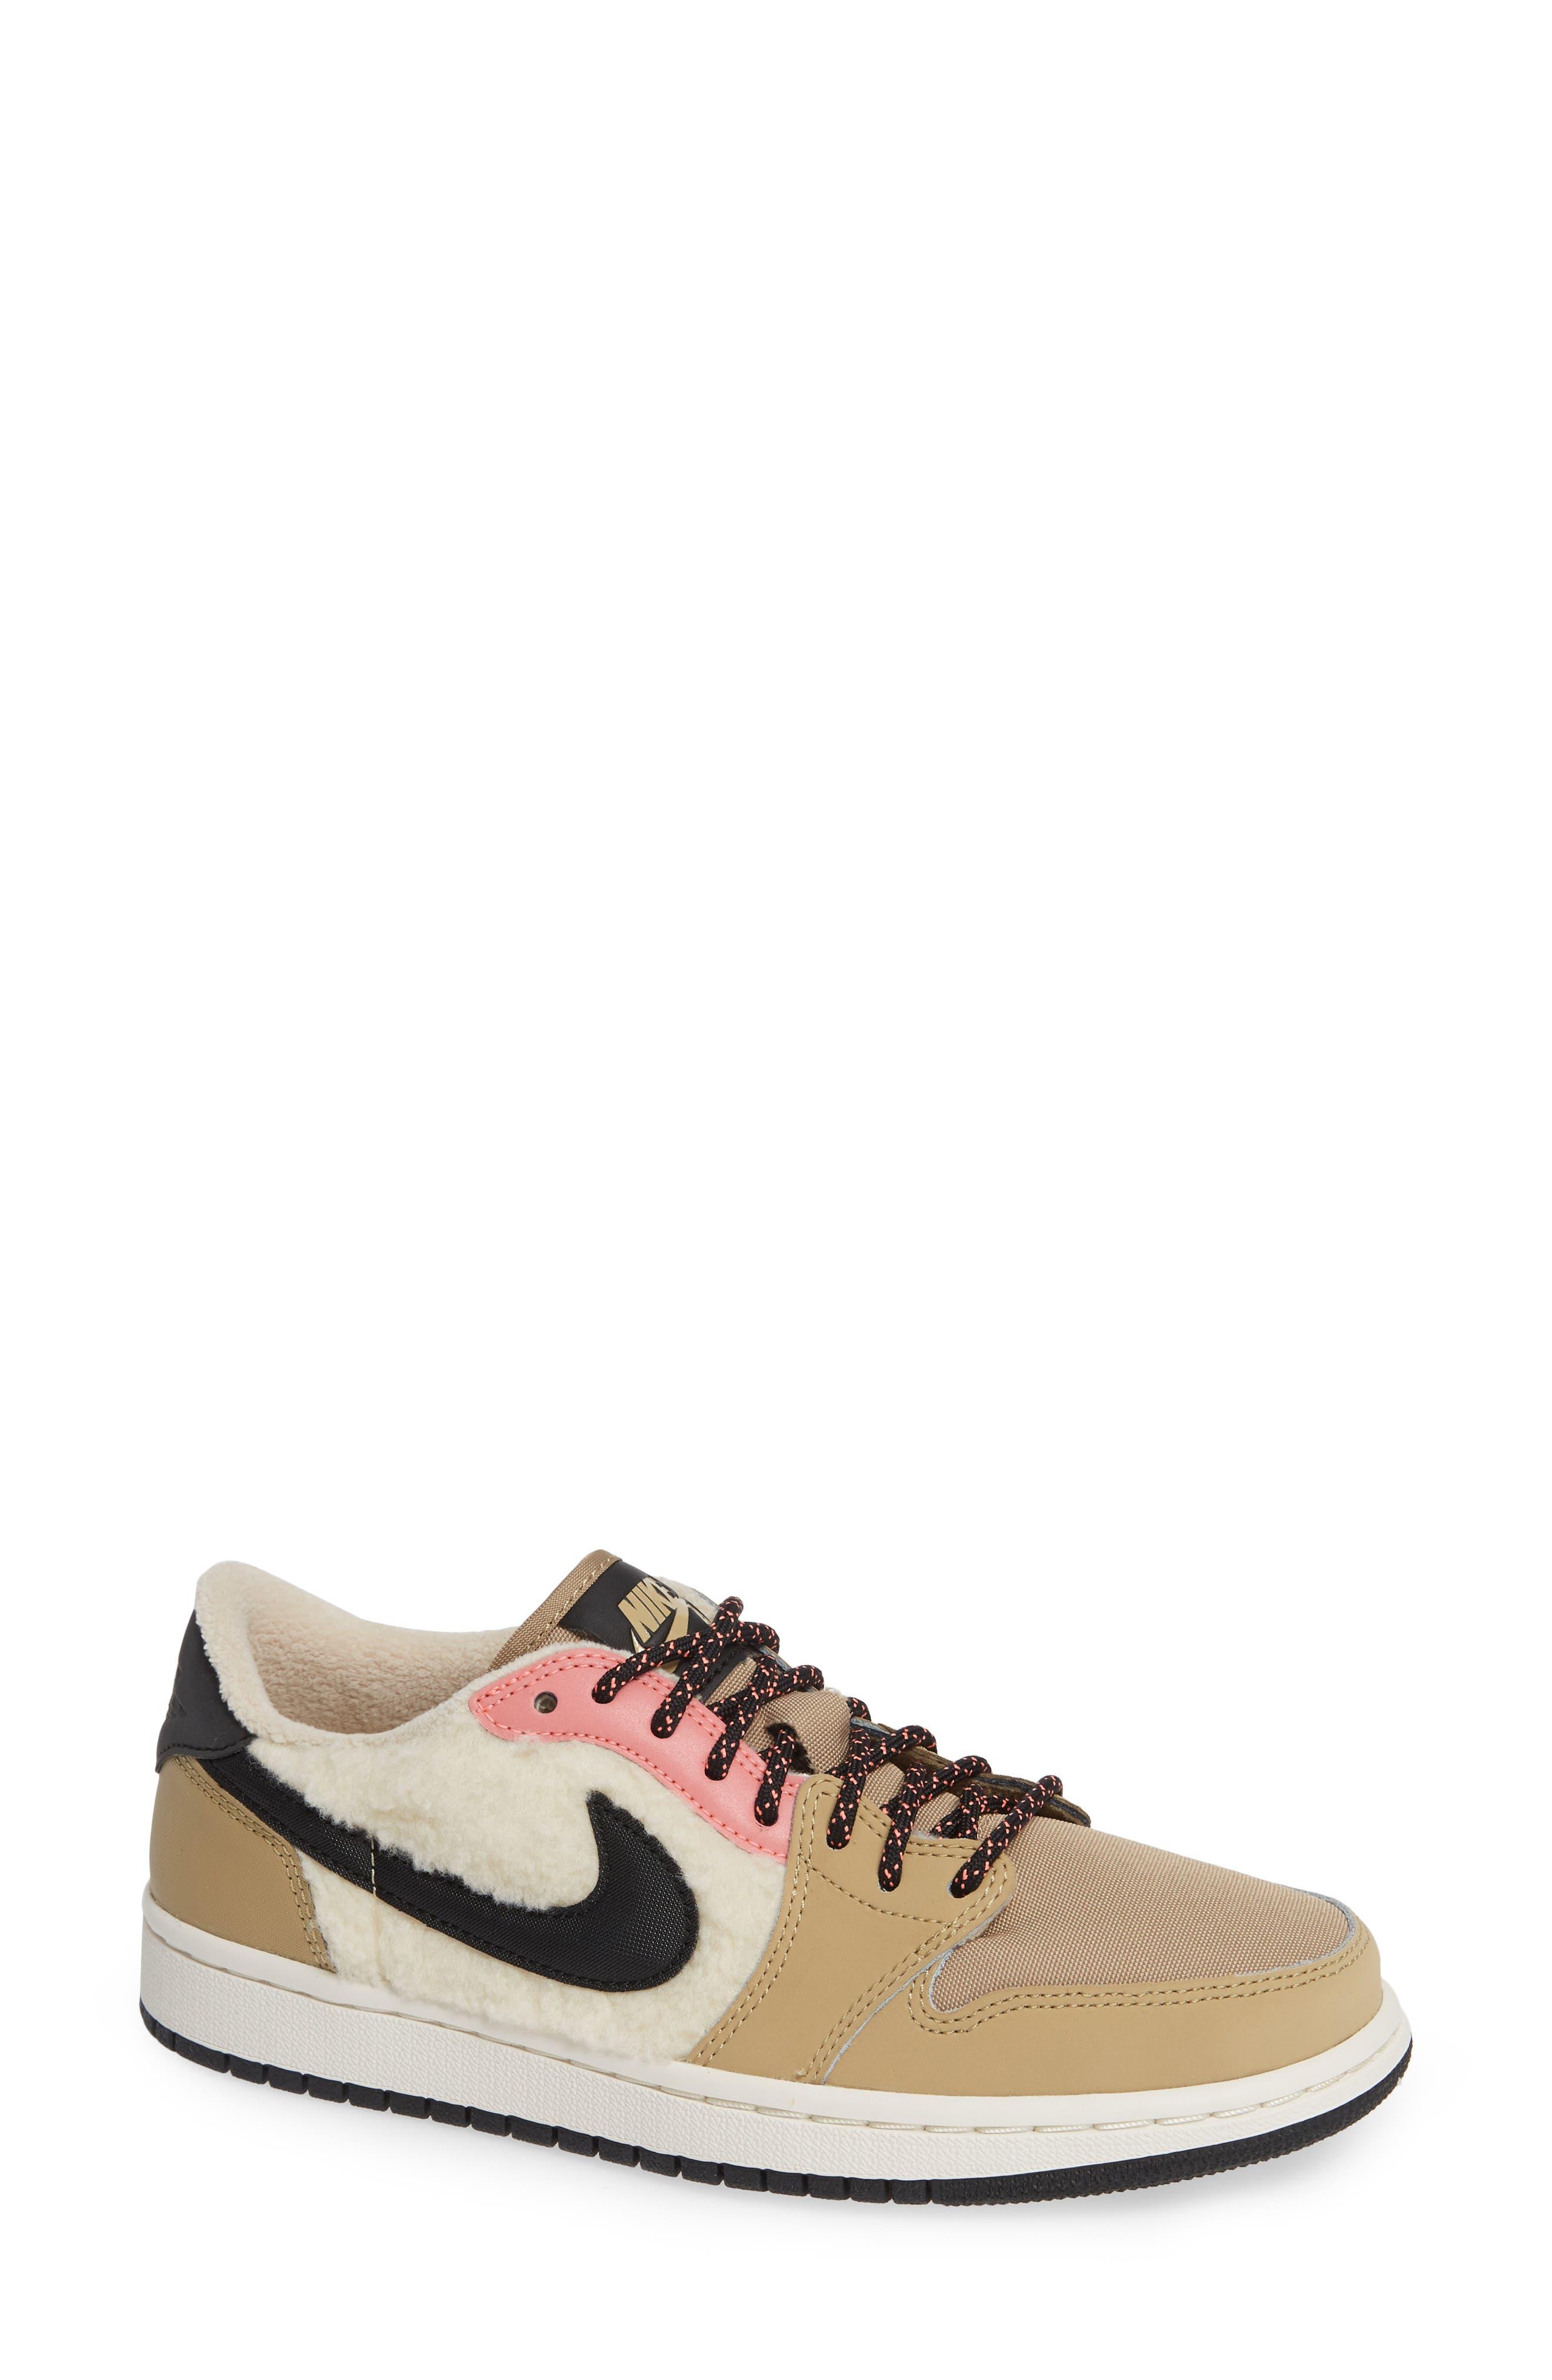 NIKE,                             Air Jordan 1 Retro Low OG Sneaker,                             Main thumbnail 1, color,                             200